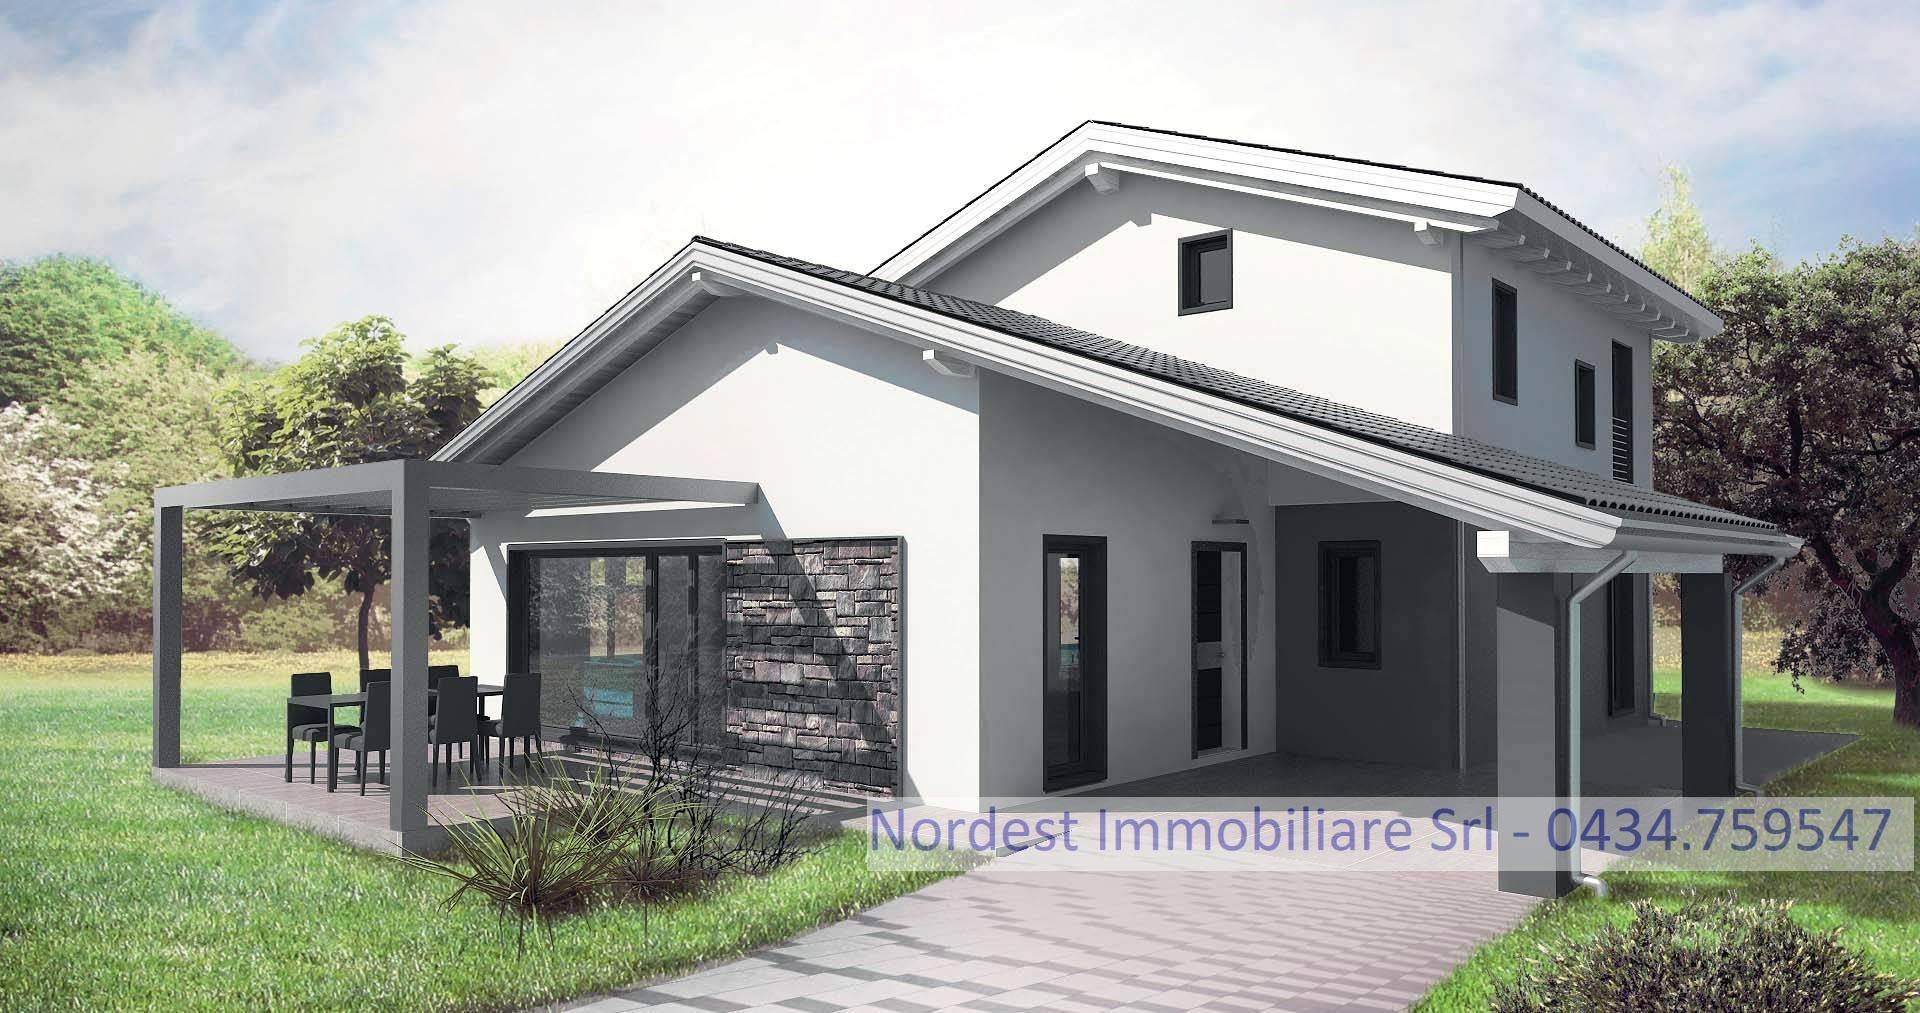 Soluzione Indipendente in vendita a San Polo di Piave, 6 locali, prezzo € 160.000 | CambioCasa.it